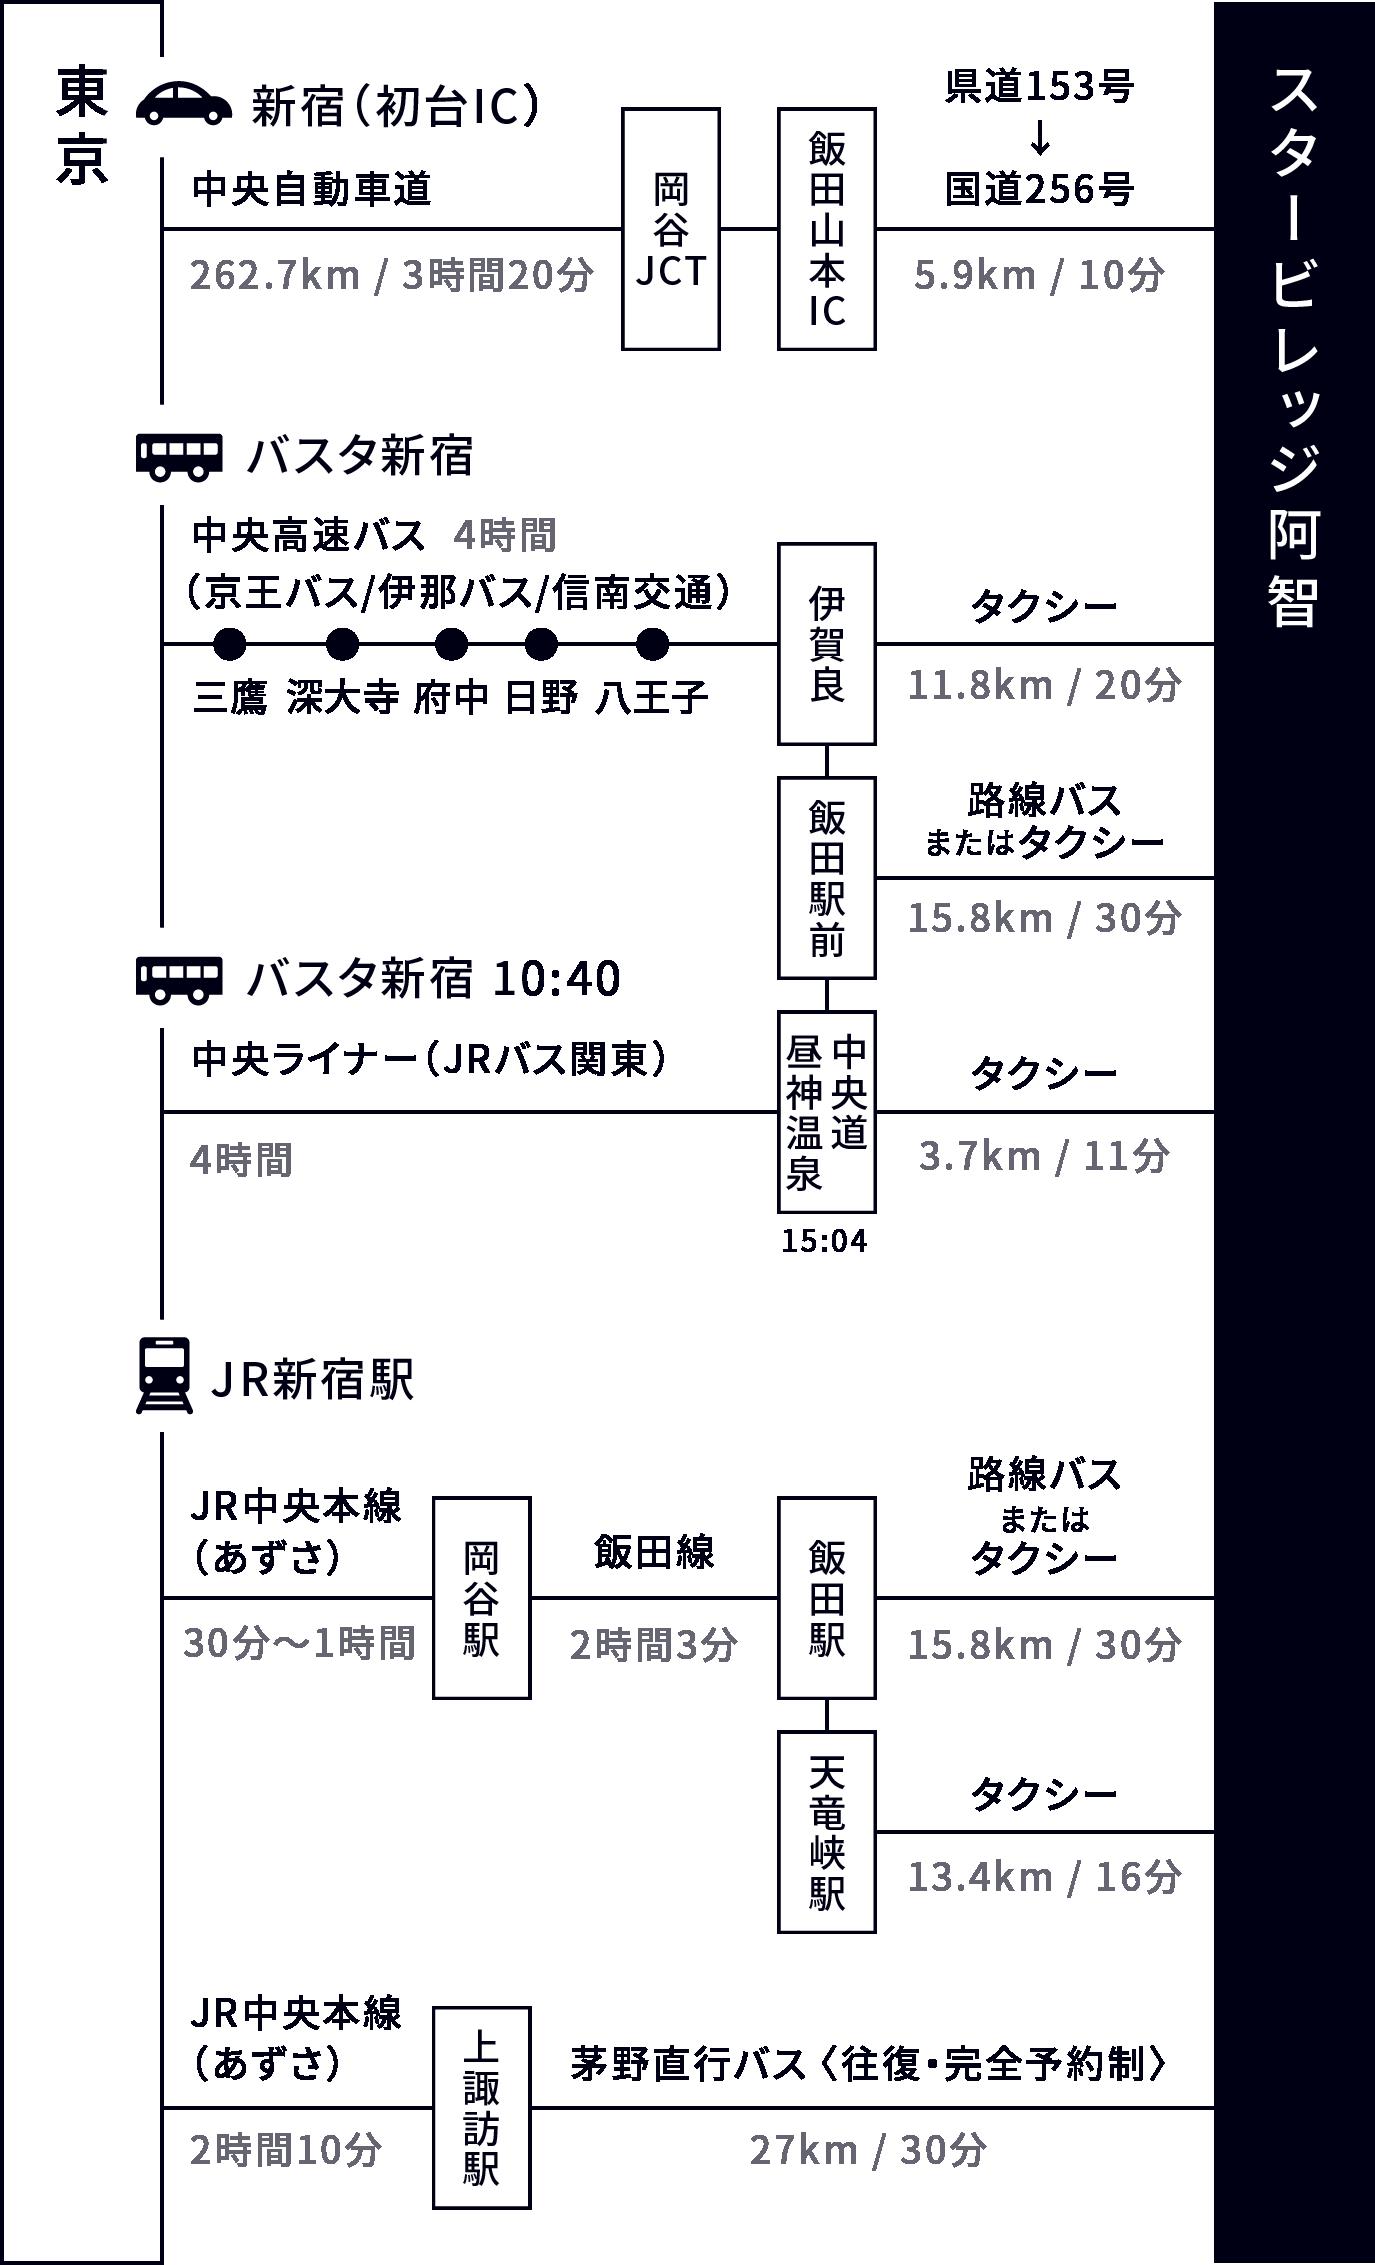 東京からのアクセス方法